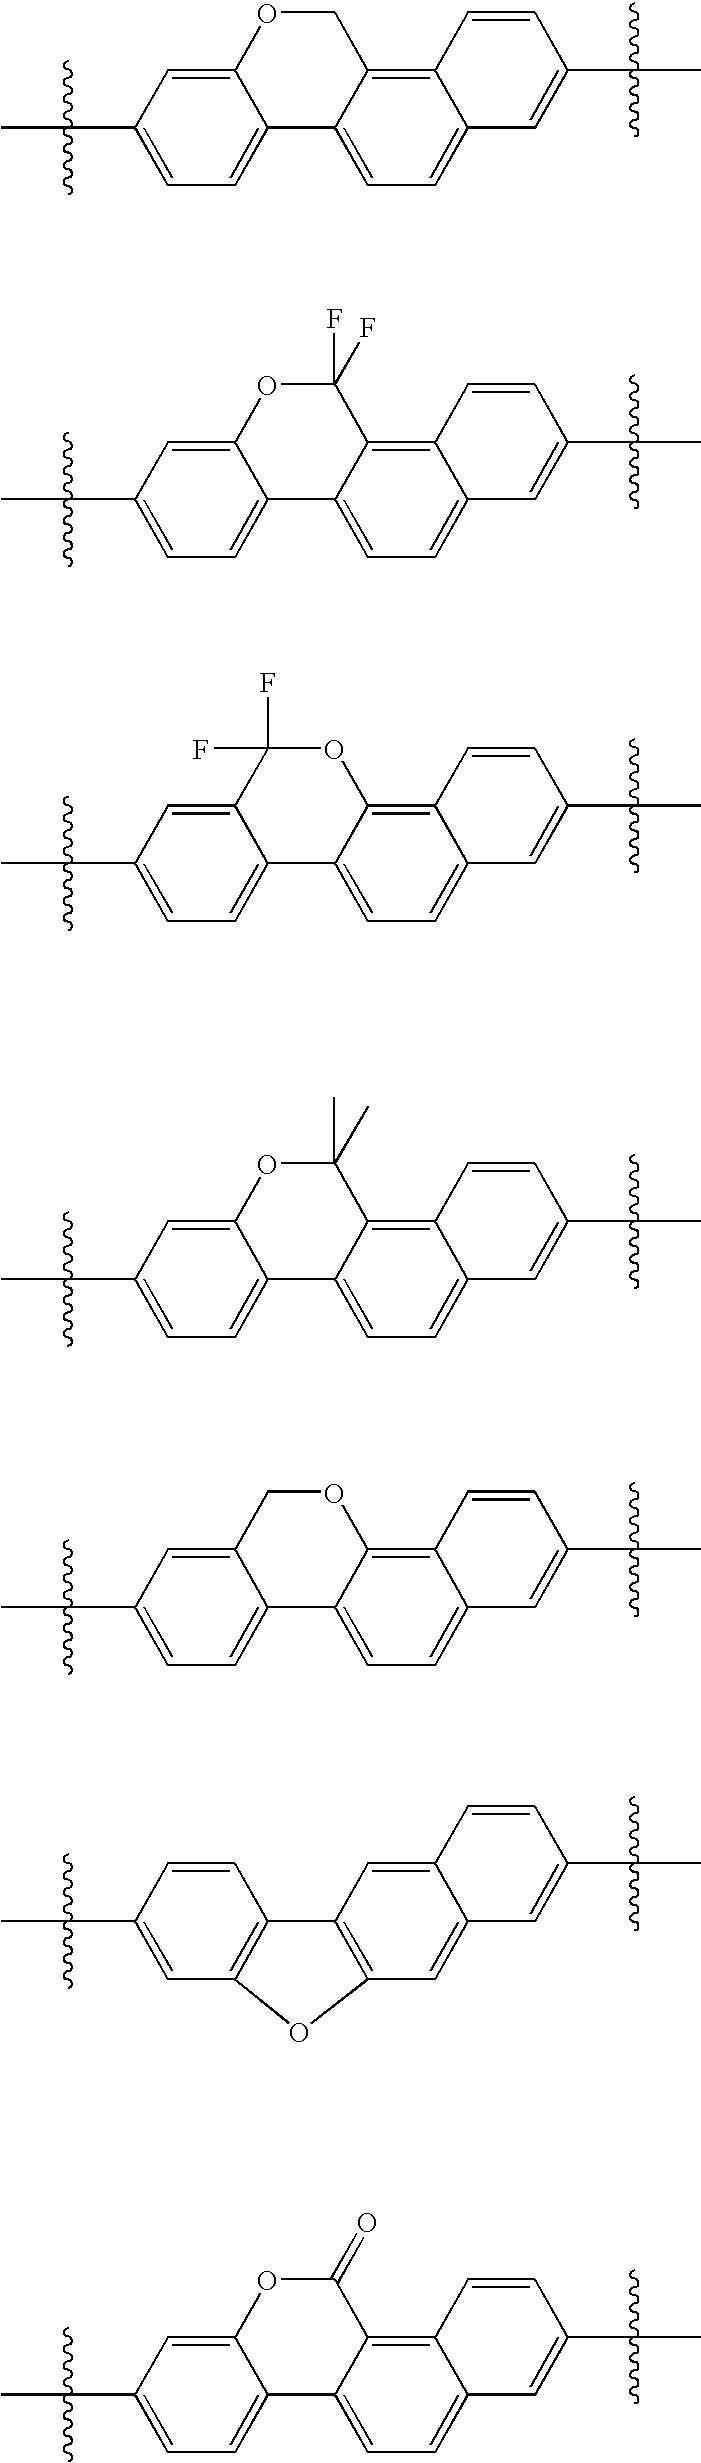 Figure US08088368-20120103-C00147